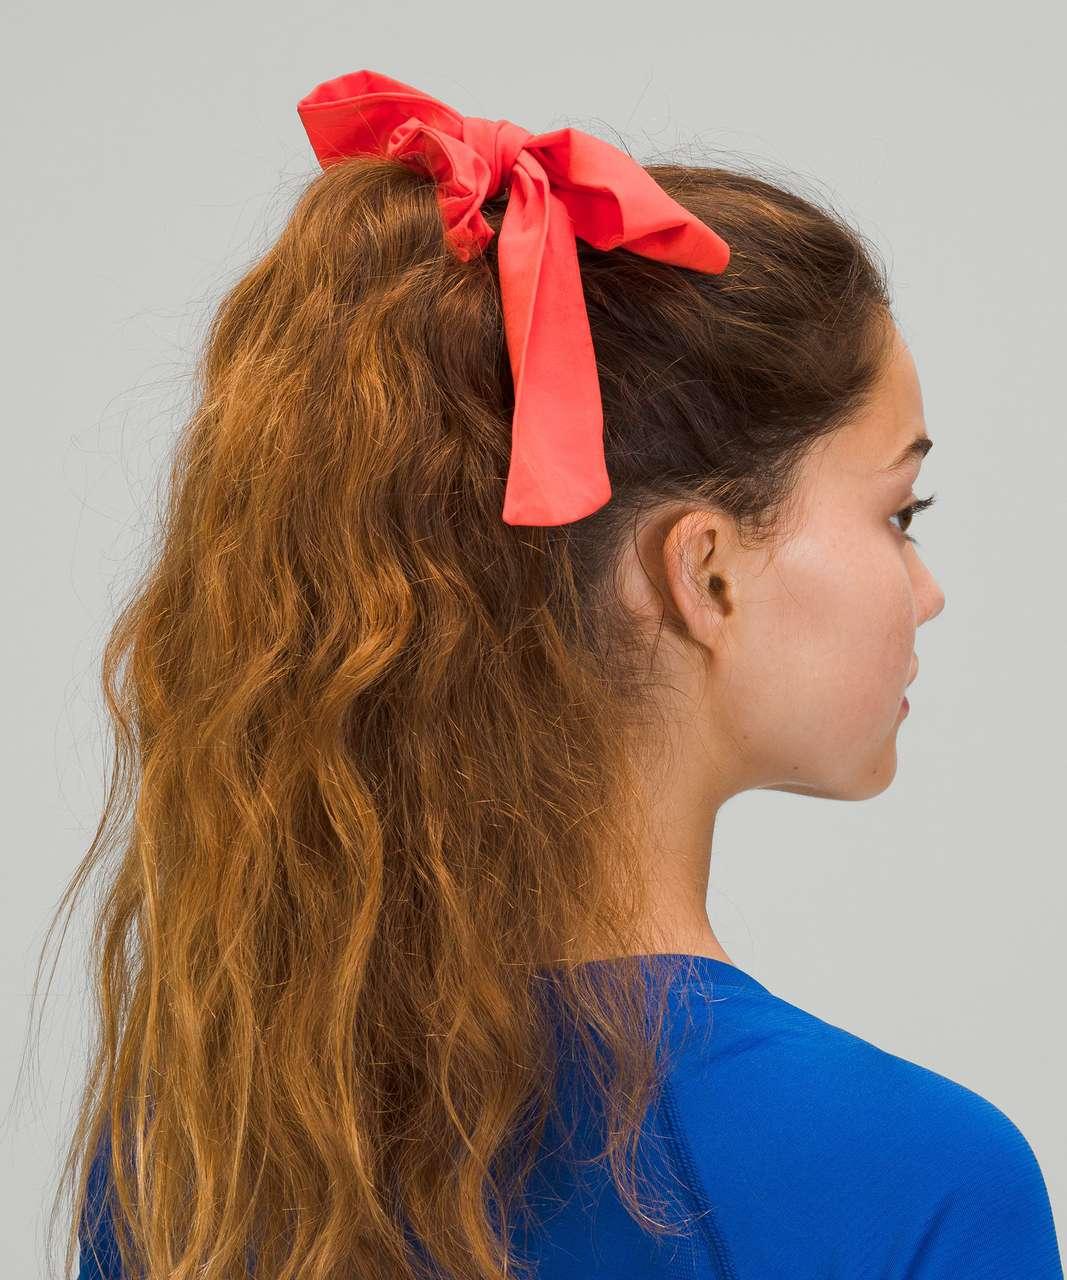 Lululemon Uplifting Scrunchie *Big Bow - Autumn Red